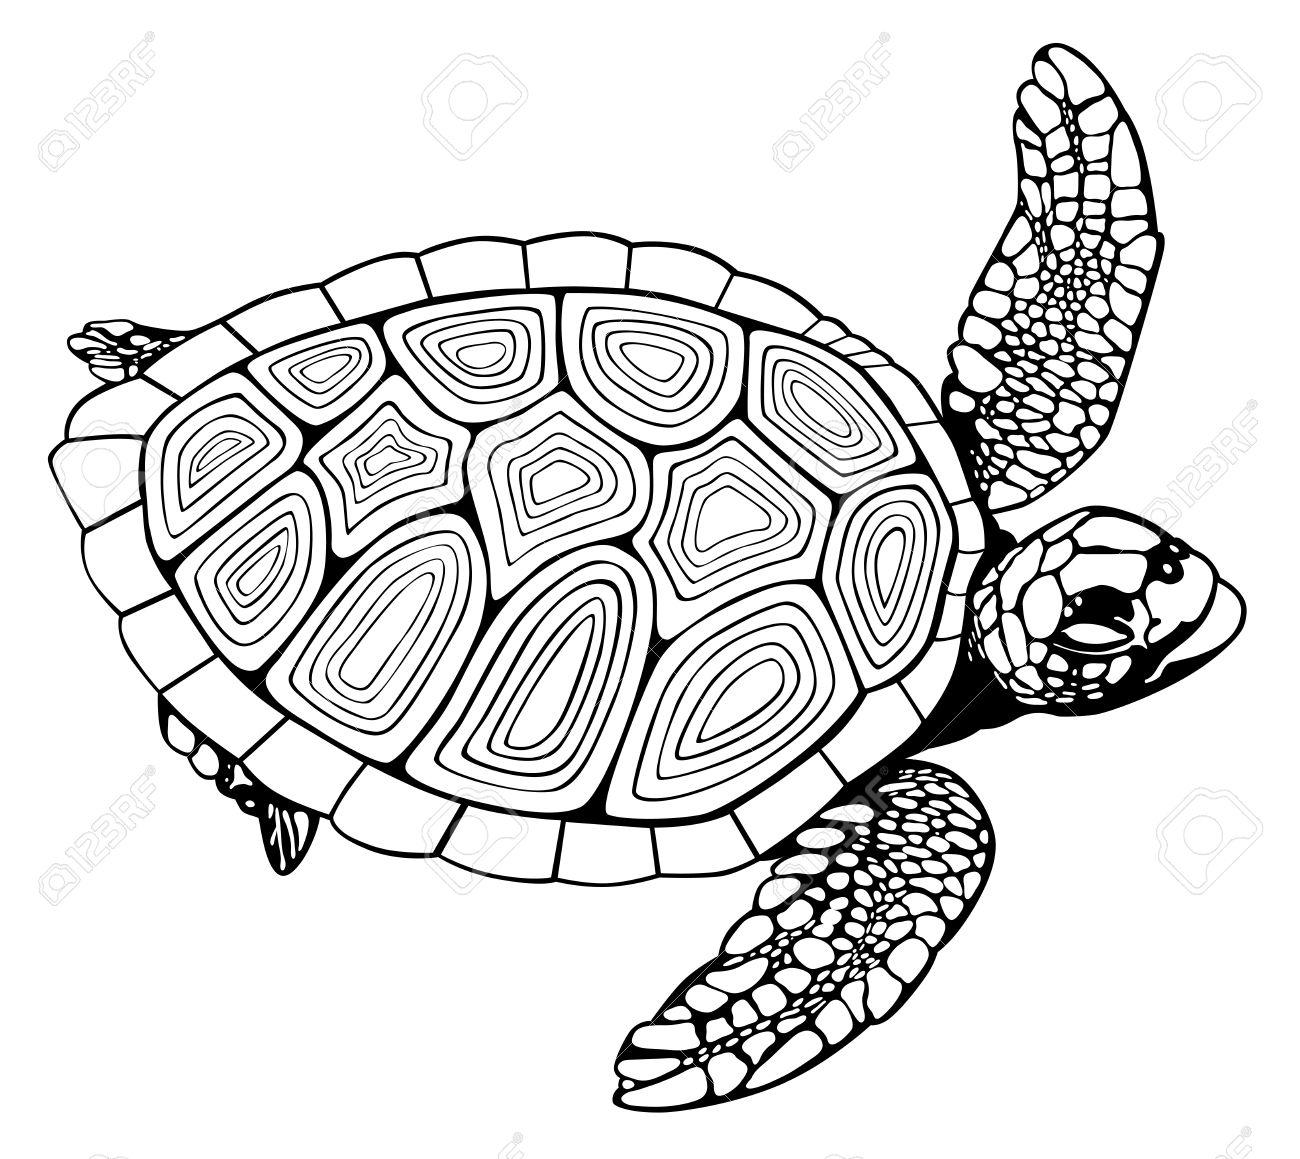 Berühmt Malbuch Schildkröte Ideen - Beispiel Wiederaufnahme Vorlagen ...